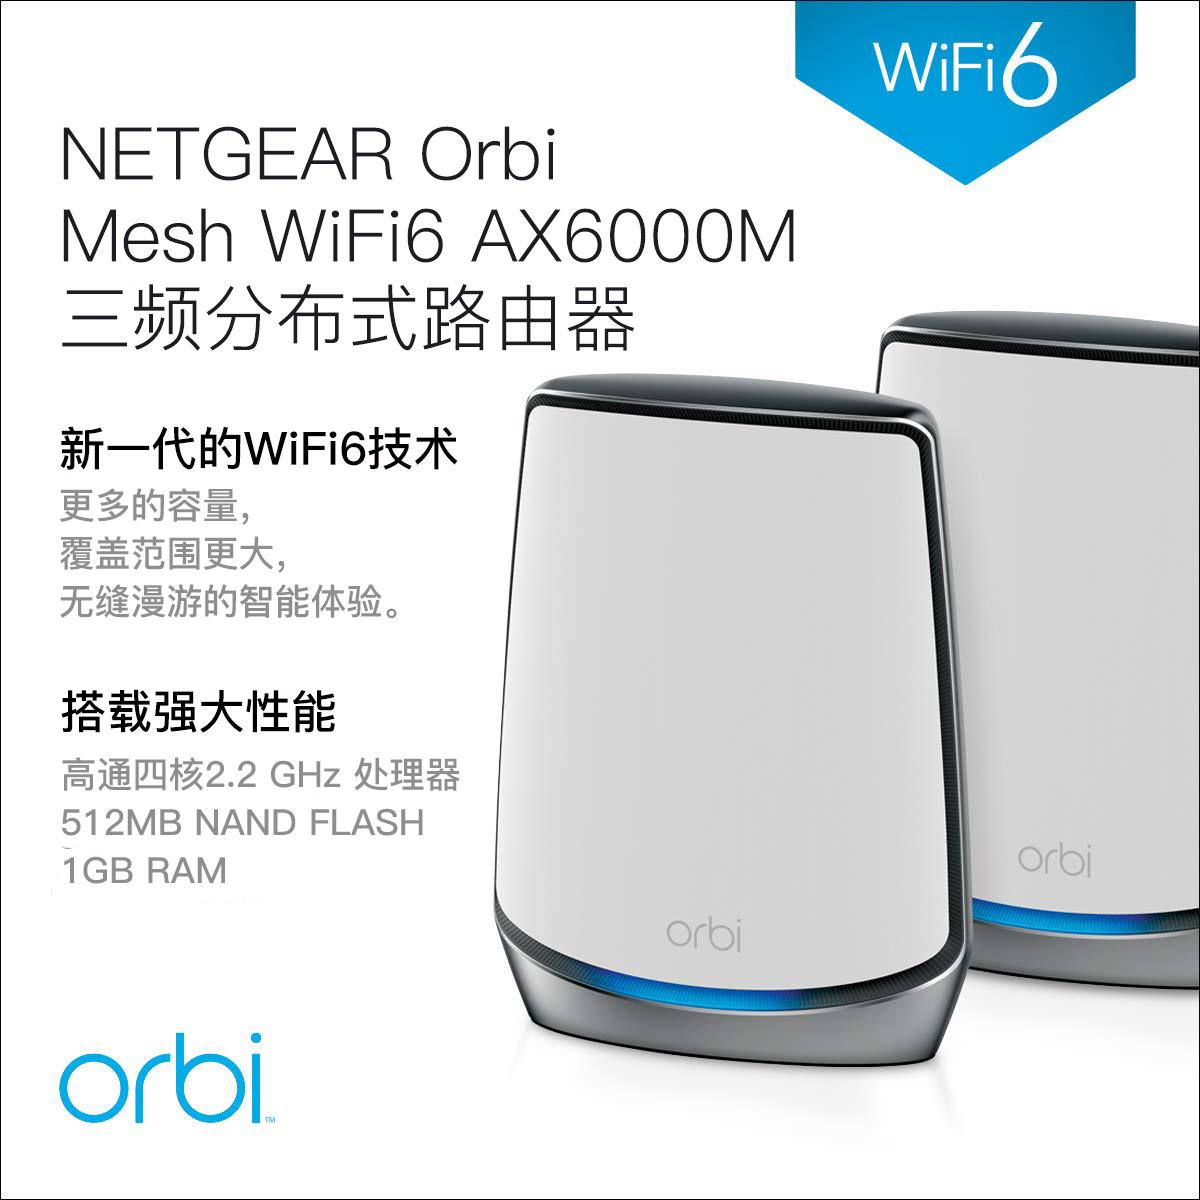 系统路由器 WiFi6 千兆大户型家庭分布式 MESH 三频 AX6000M RBK852 Orbi 网件 NETGEAR